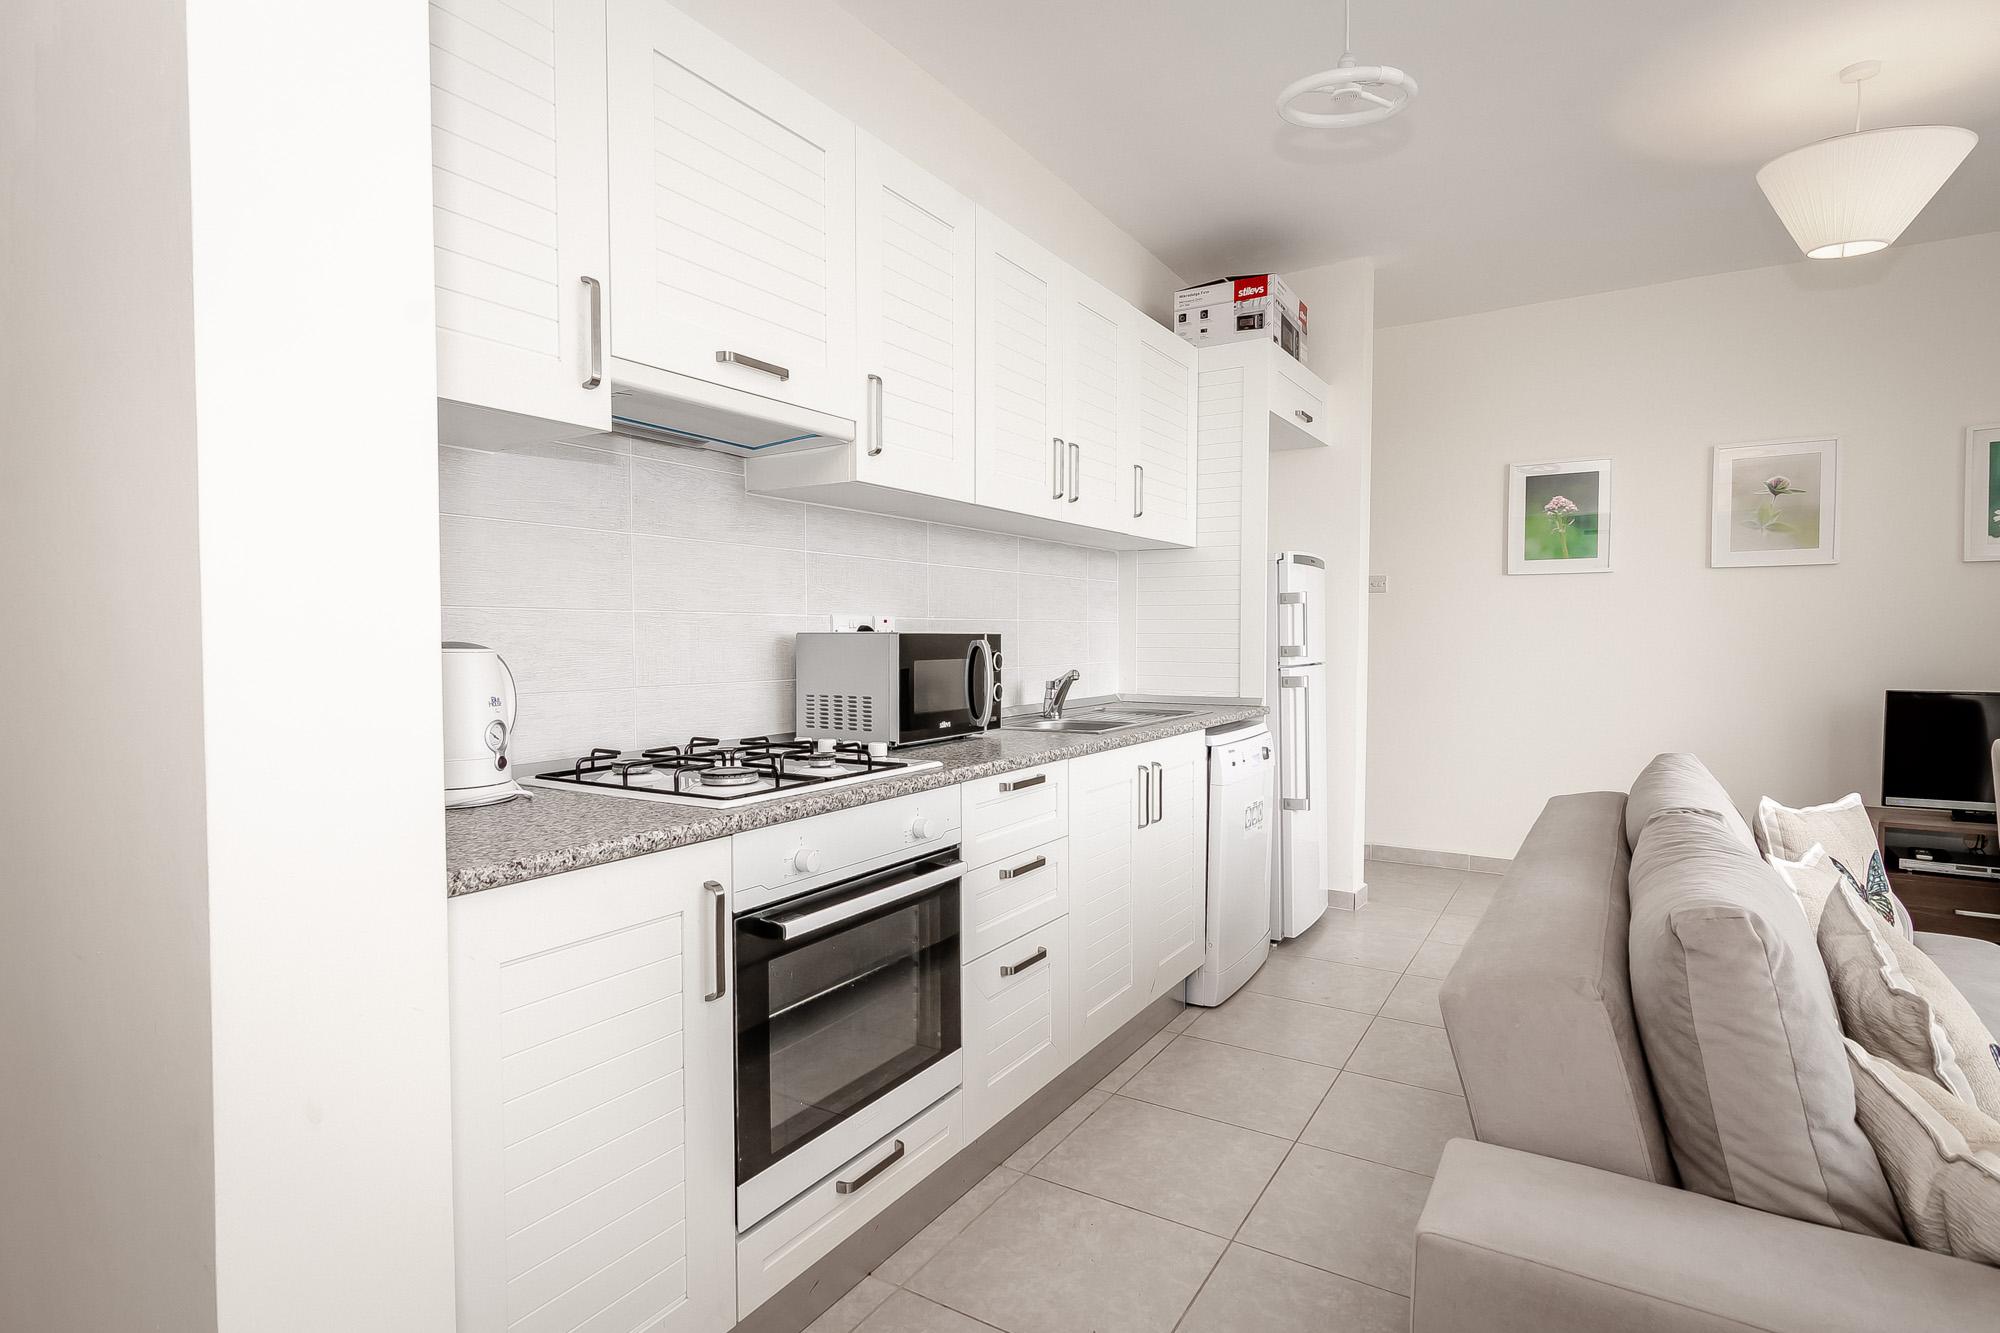 Apartment Joya Cyprus Mystic Penthouse Apartment photo 20216704